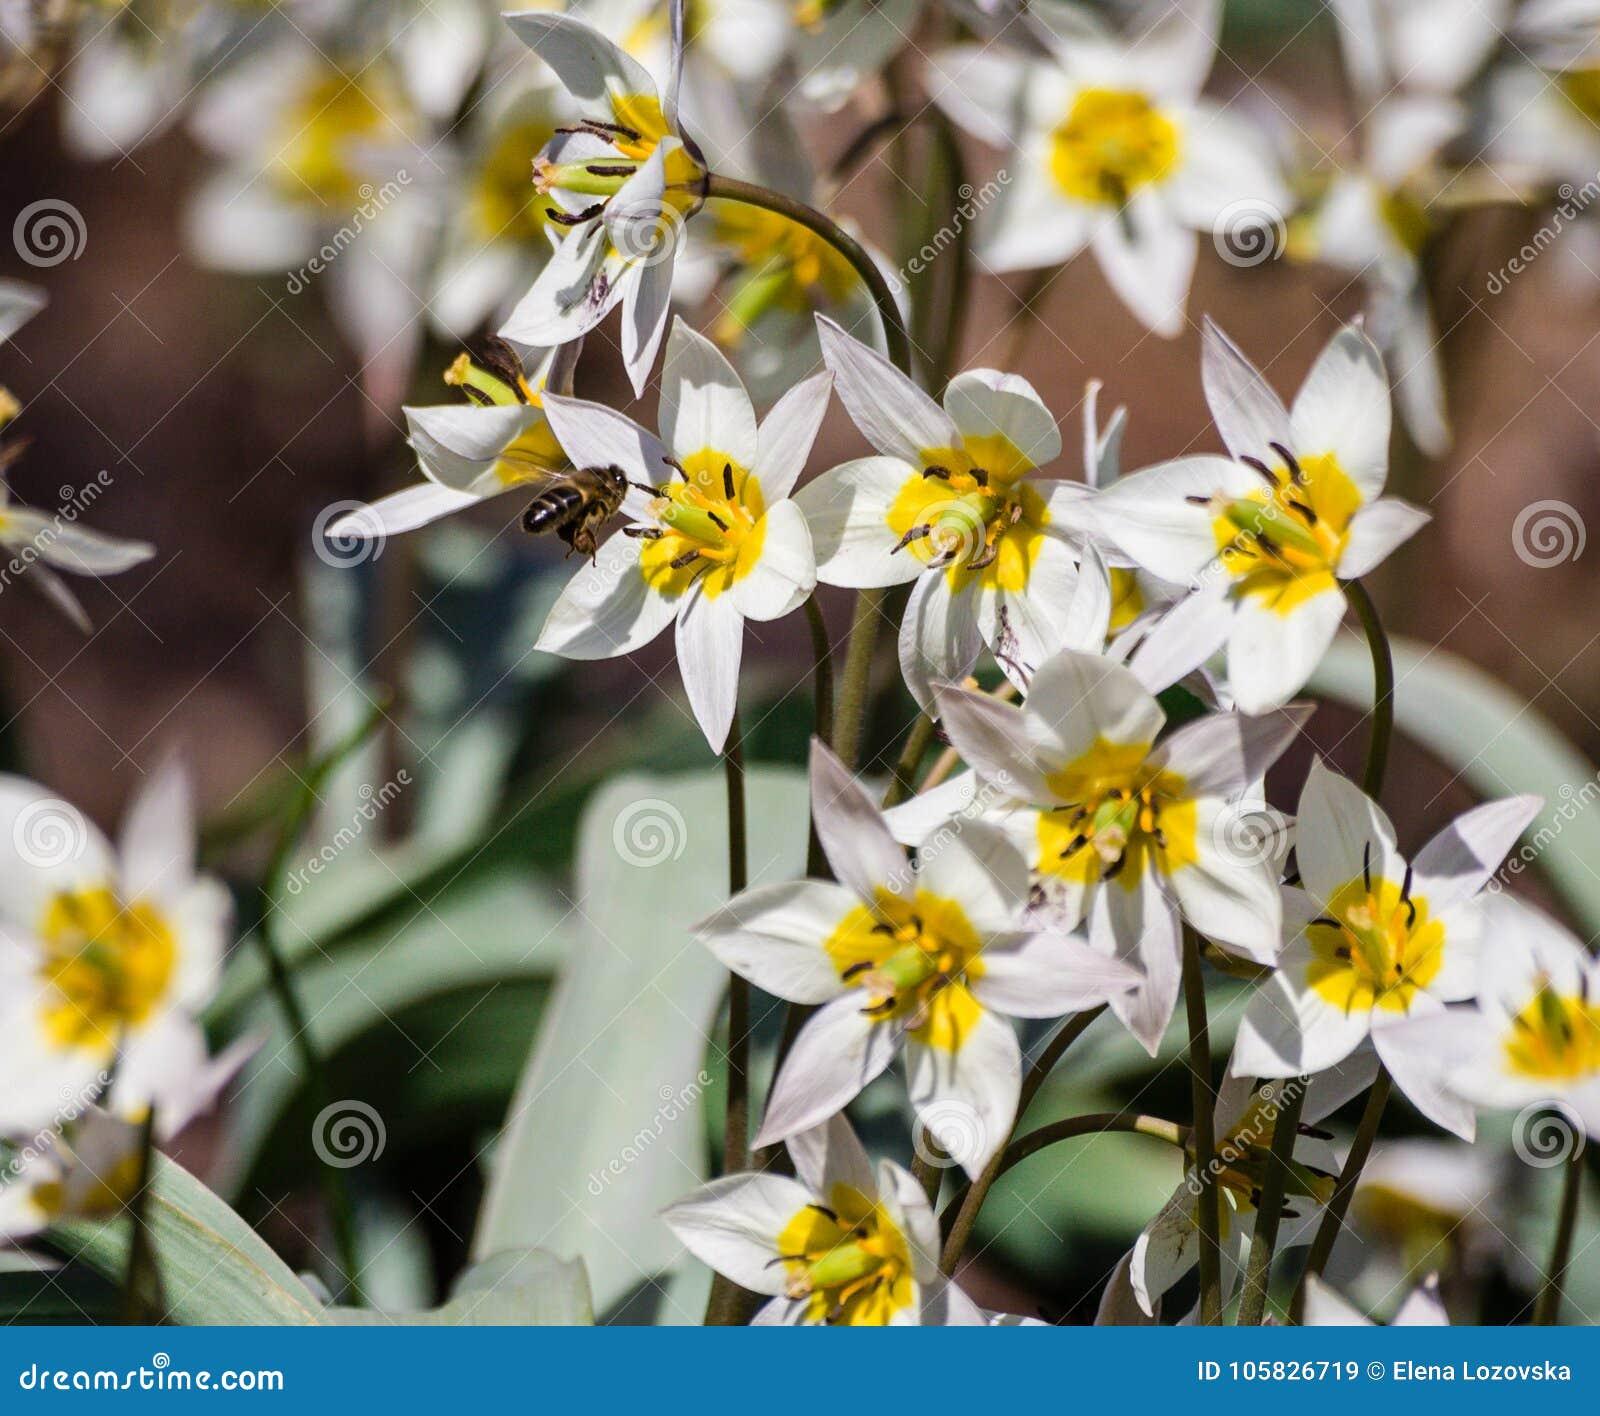 Fiore Giallo 6 Petali.Piccoli Fiori Bianchi Con Sei Petali Un Cuore Giallo Immagine